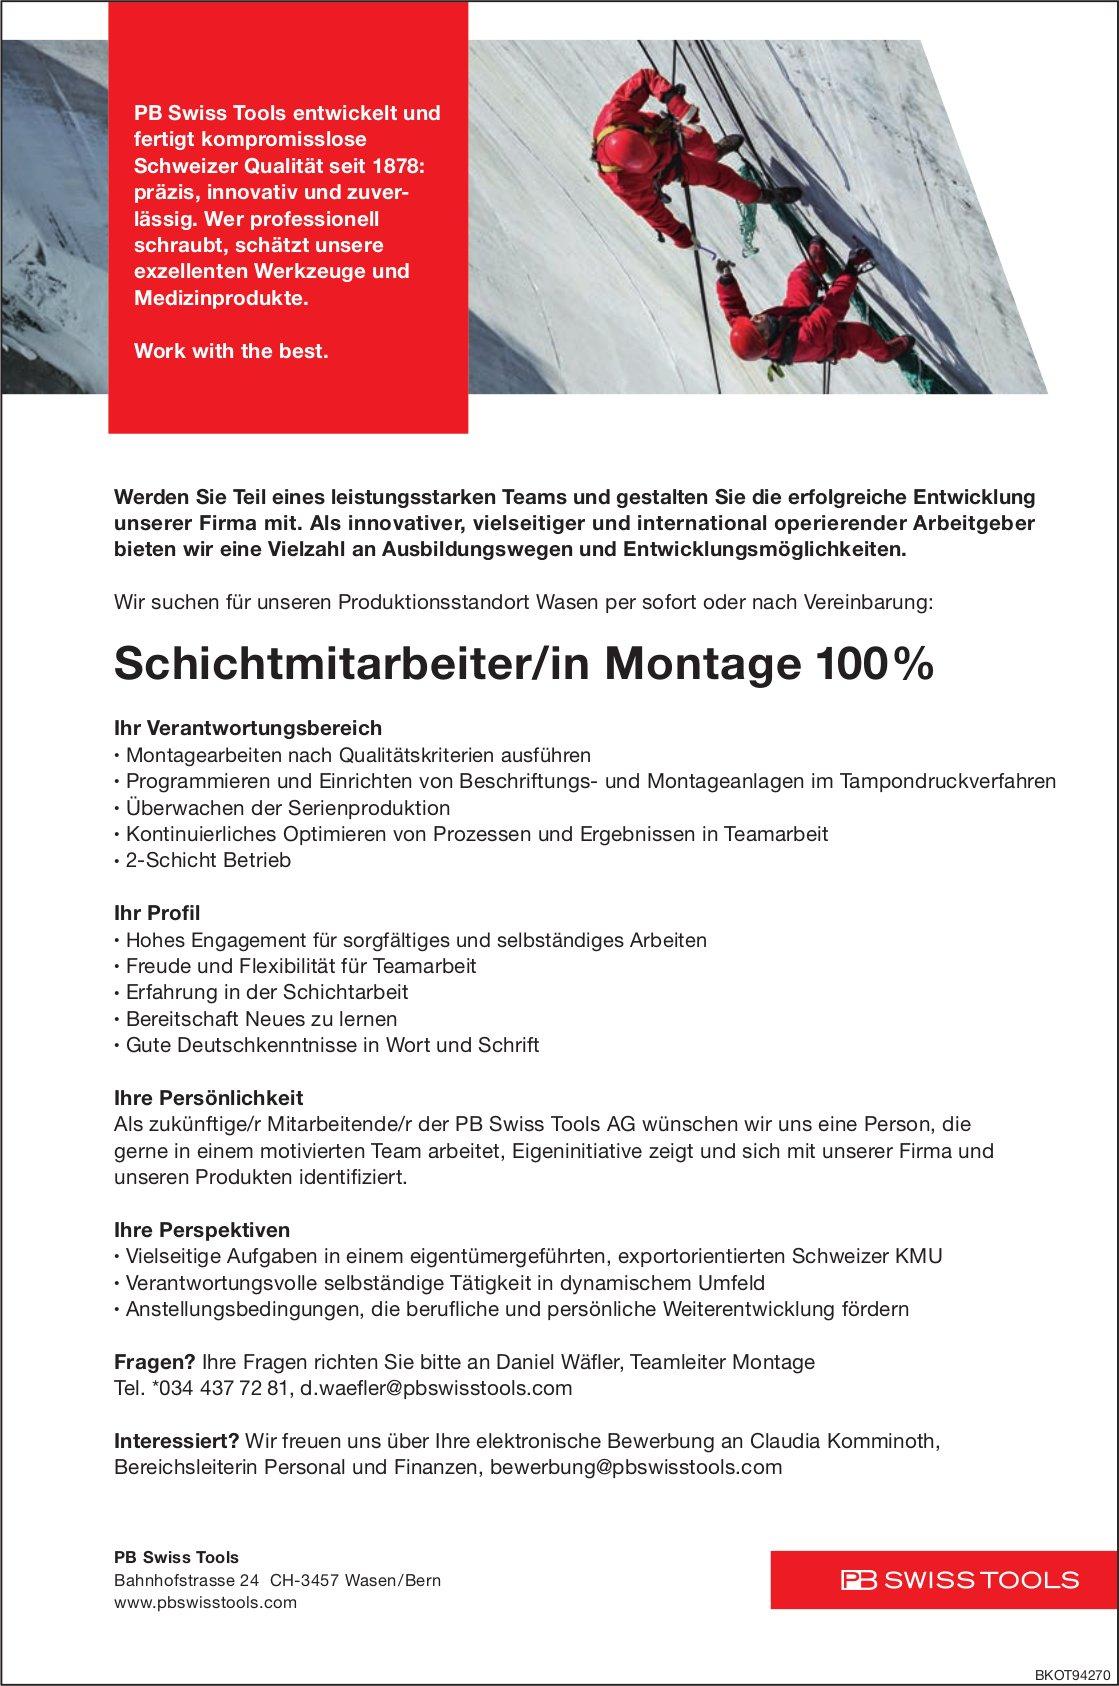 Schichtmitarbeiter/in Montage 100%, PB Swiss Tools, Wasen/Bern, gesucht